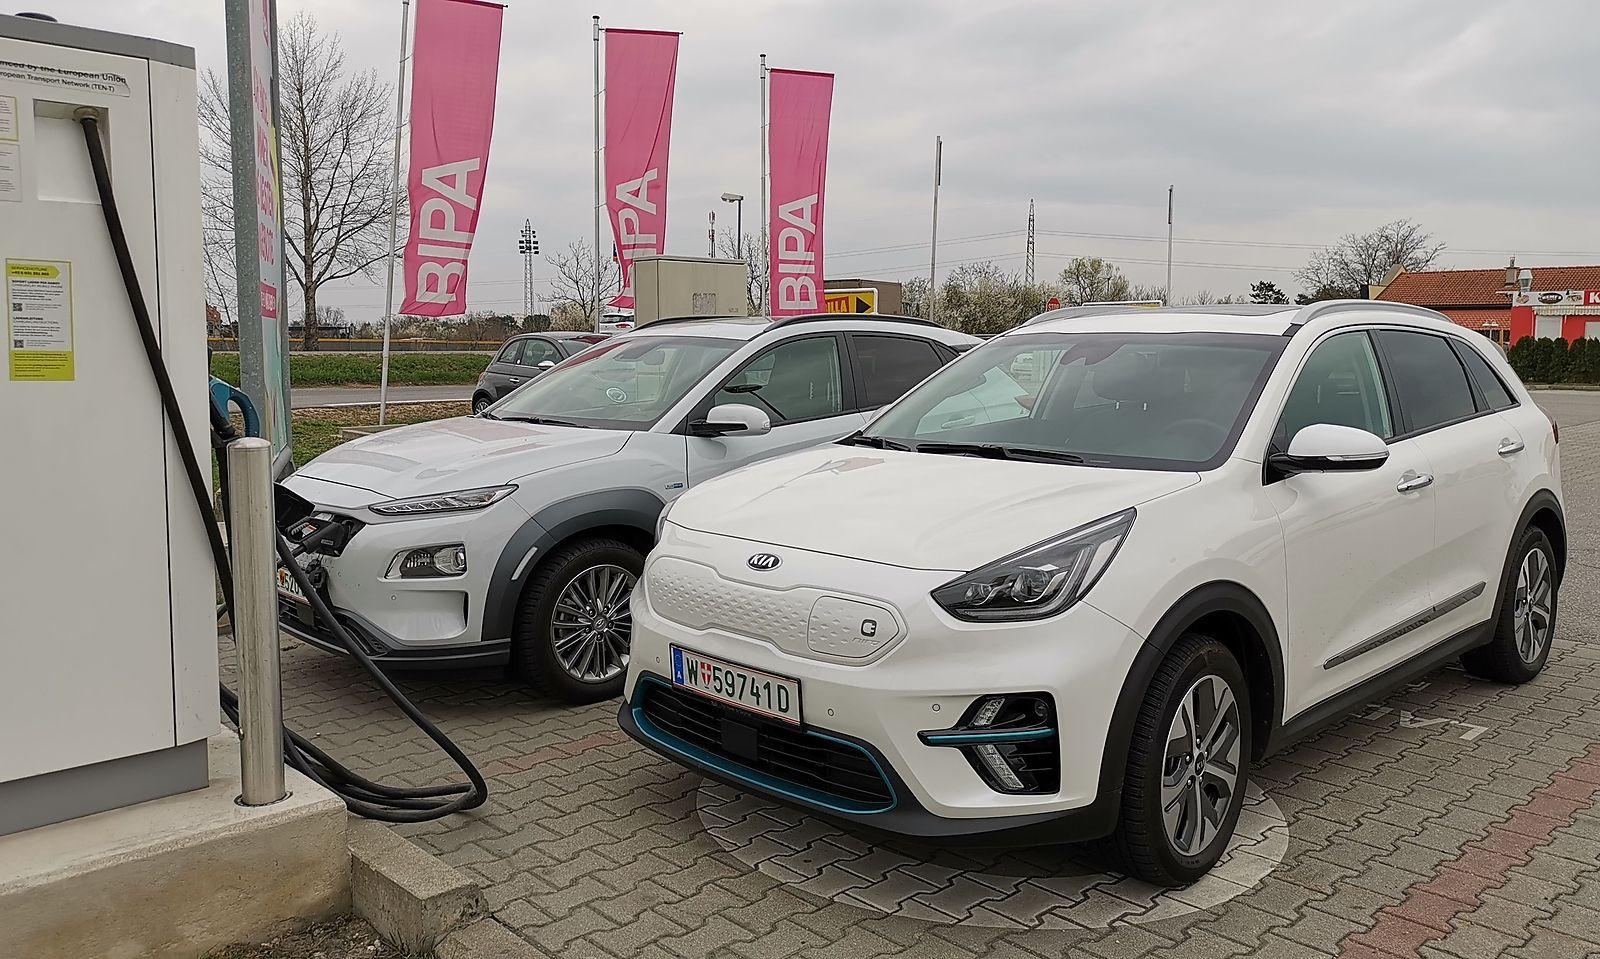 Zufälliges Treffen der Konzernbrüder Hyundai Kona Elektro (hinten) und Kia E-Niro an der Ladesäule. Der Kona ist designverspielter, der Niro dafür um 20 Zentimeter länger.